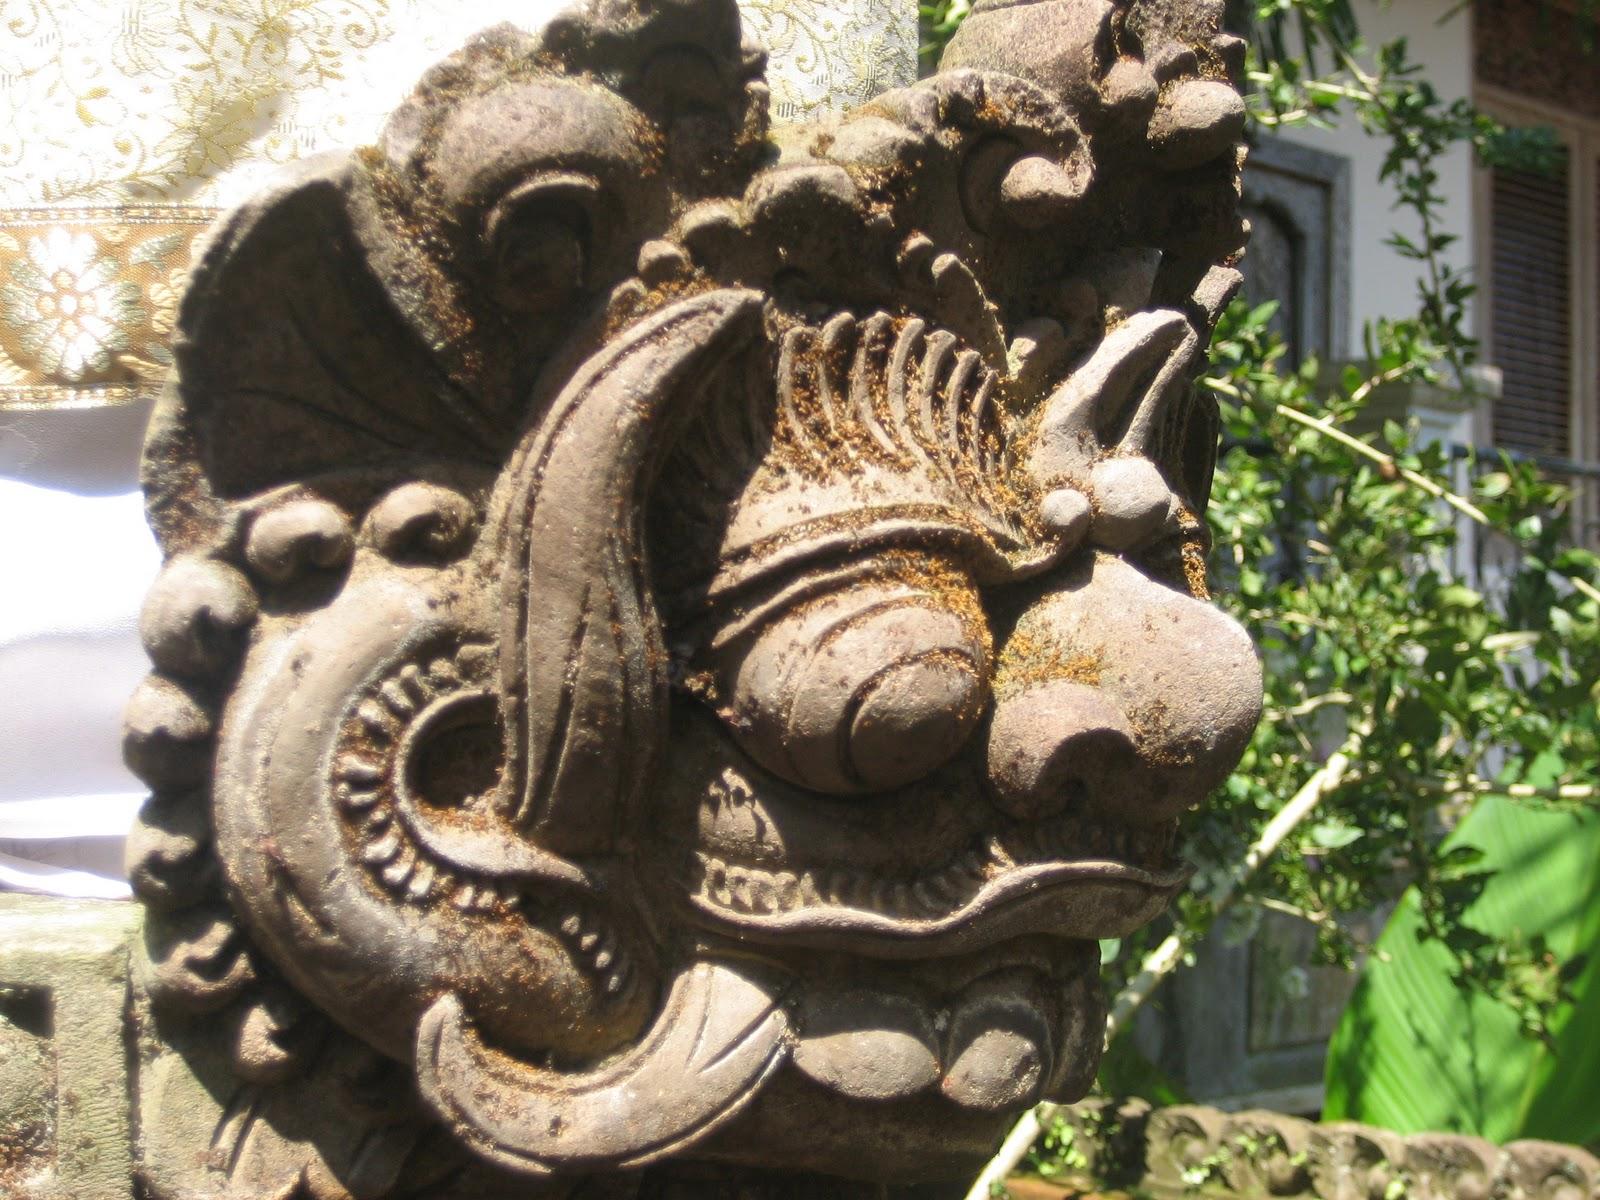 http://2.bp.blogspot.com/_imoo7xmOOcY/TOeYTaENT5I/AAAAAAAAABs/5xarfP14_Zk/s1600/Ubud+Bali+Nov.2010+045.jpg